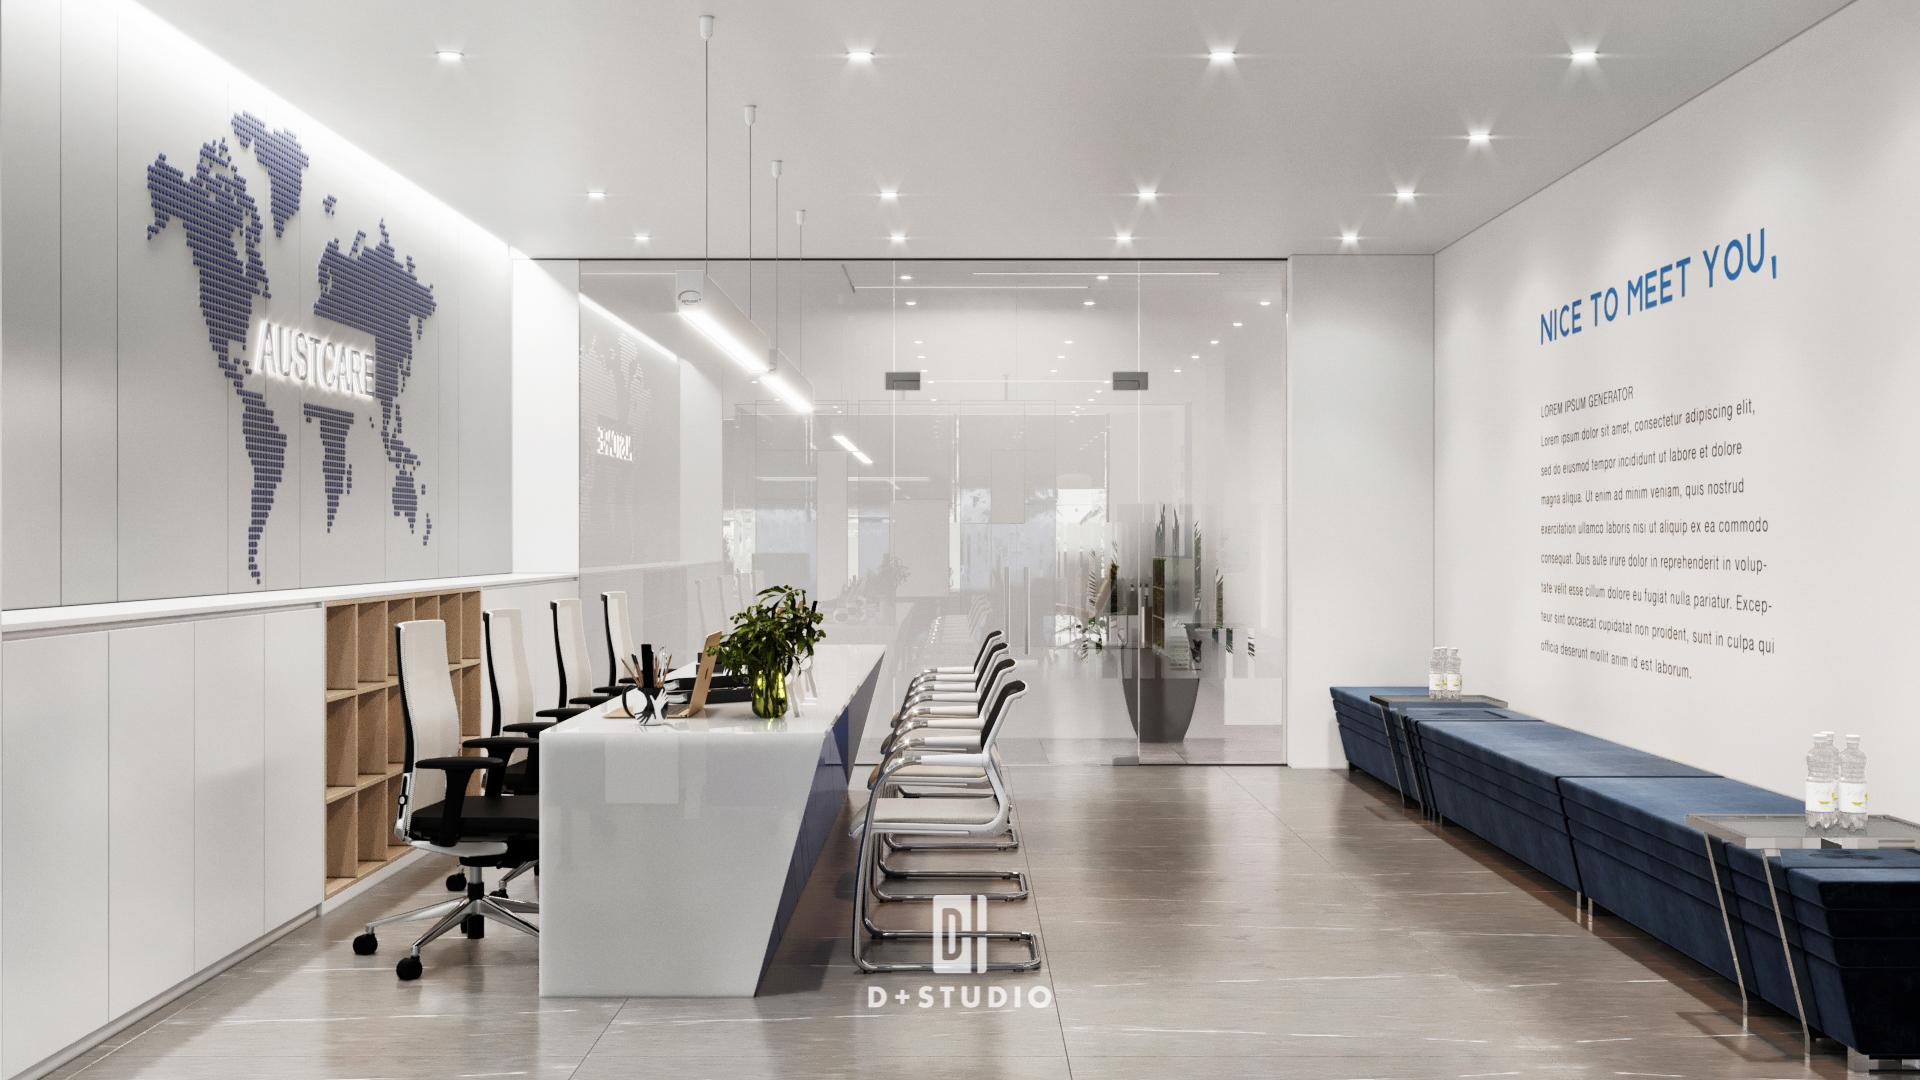 Tông màu trắng chủ đạo giúp khu vực tiếp khách hàng thêm sang trọng, thanh lịch và chuyên nghiệp hơn